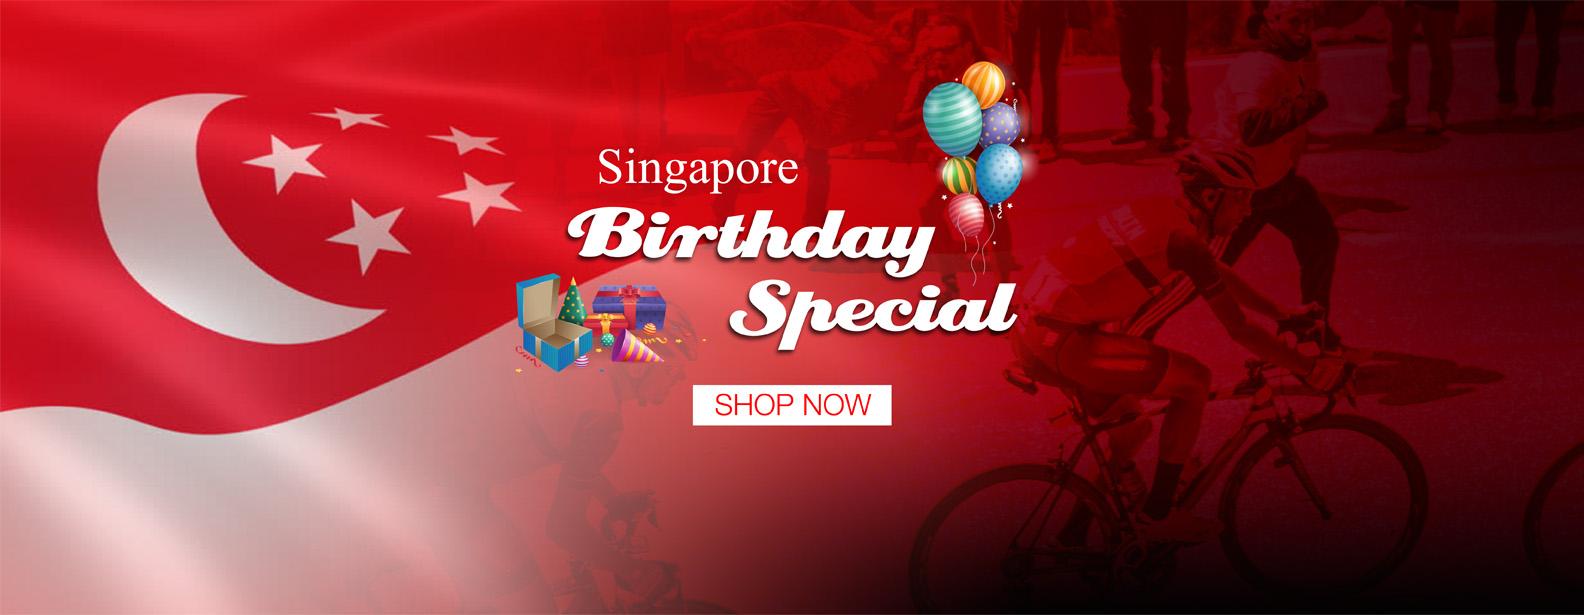 Singapore Birthday